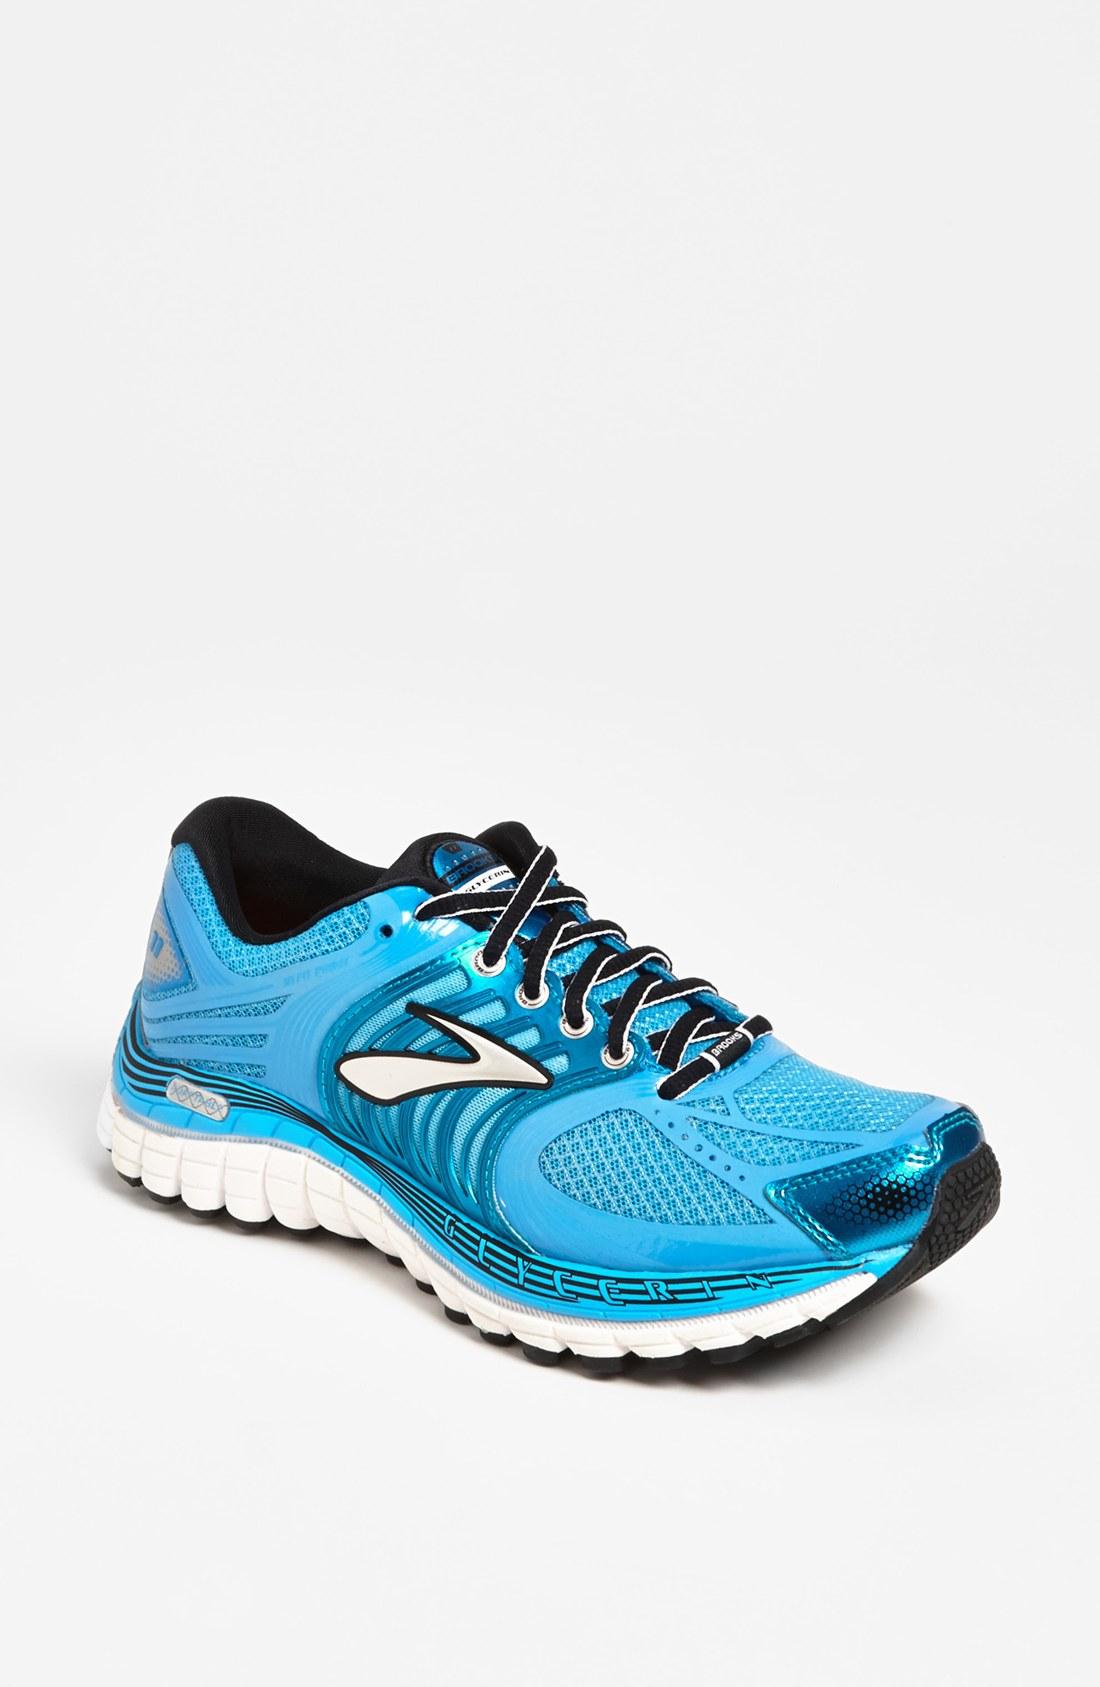 brooks glycerin 11 running shoe women in blue blue. Black Bedroom Furniture Sets. Home Design Ideas